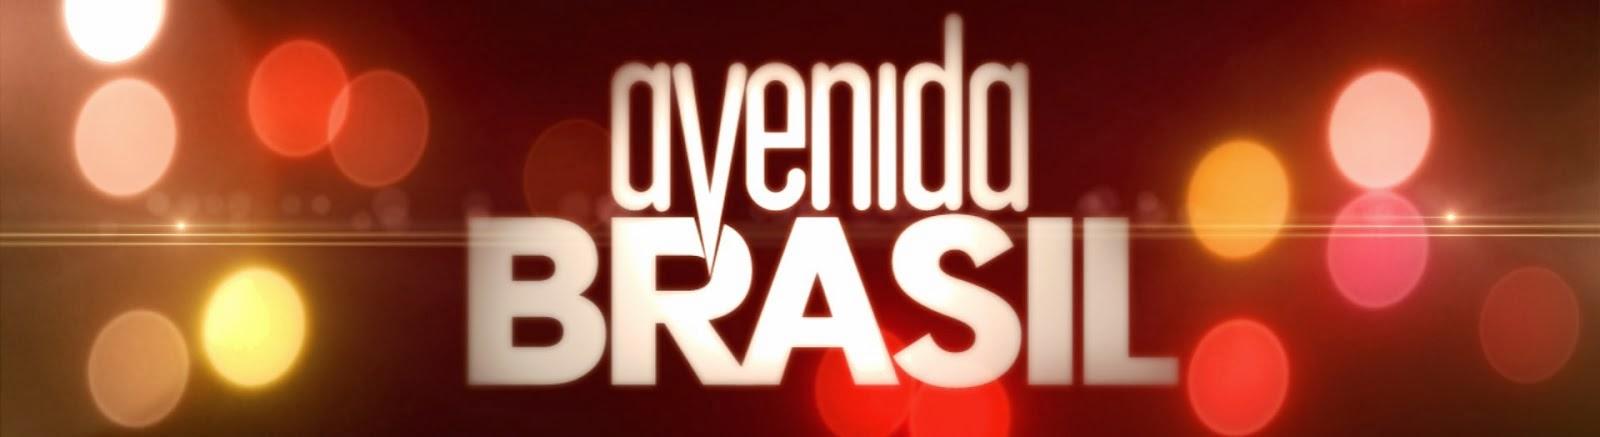 Avenida Brasil Chile | Ver avenida Brasil online